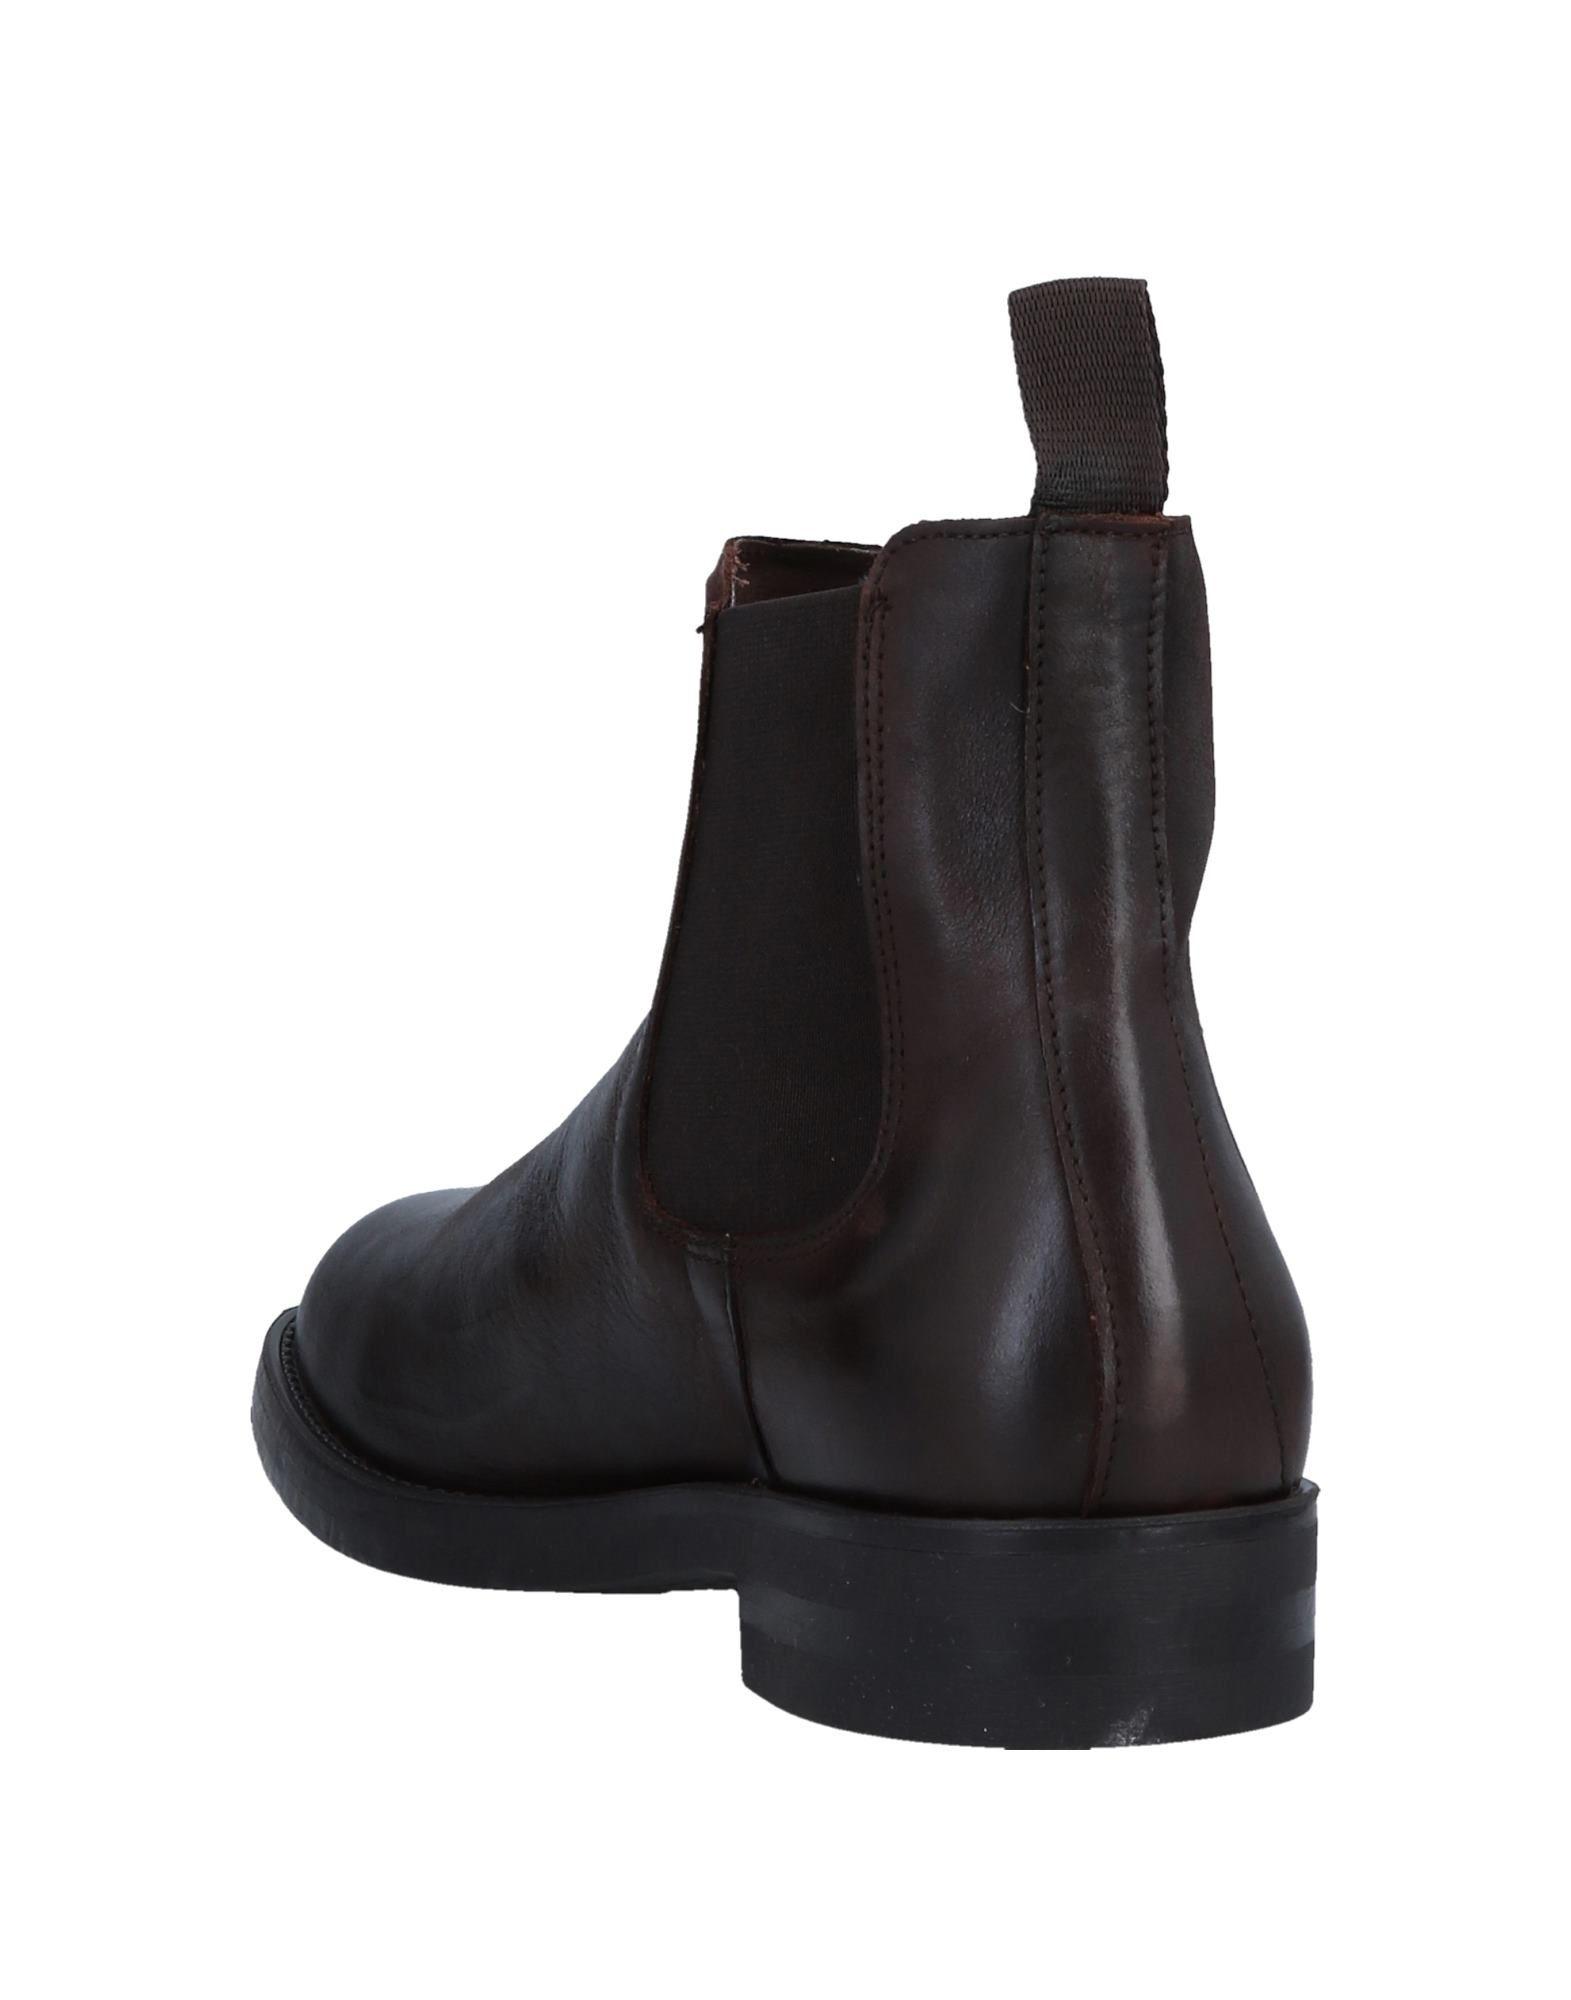 Rabatt Schuhe echte Schuhe Rabatt Boemos Stiefelette Herren 11569166XS 50a4f4